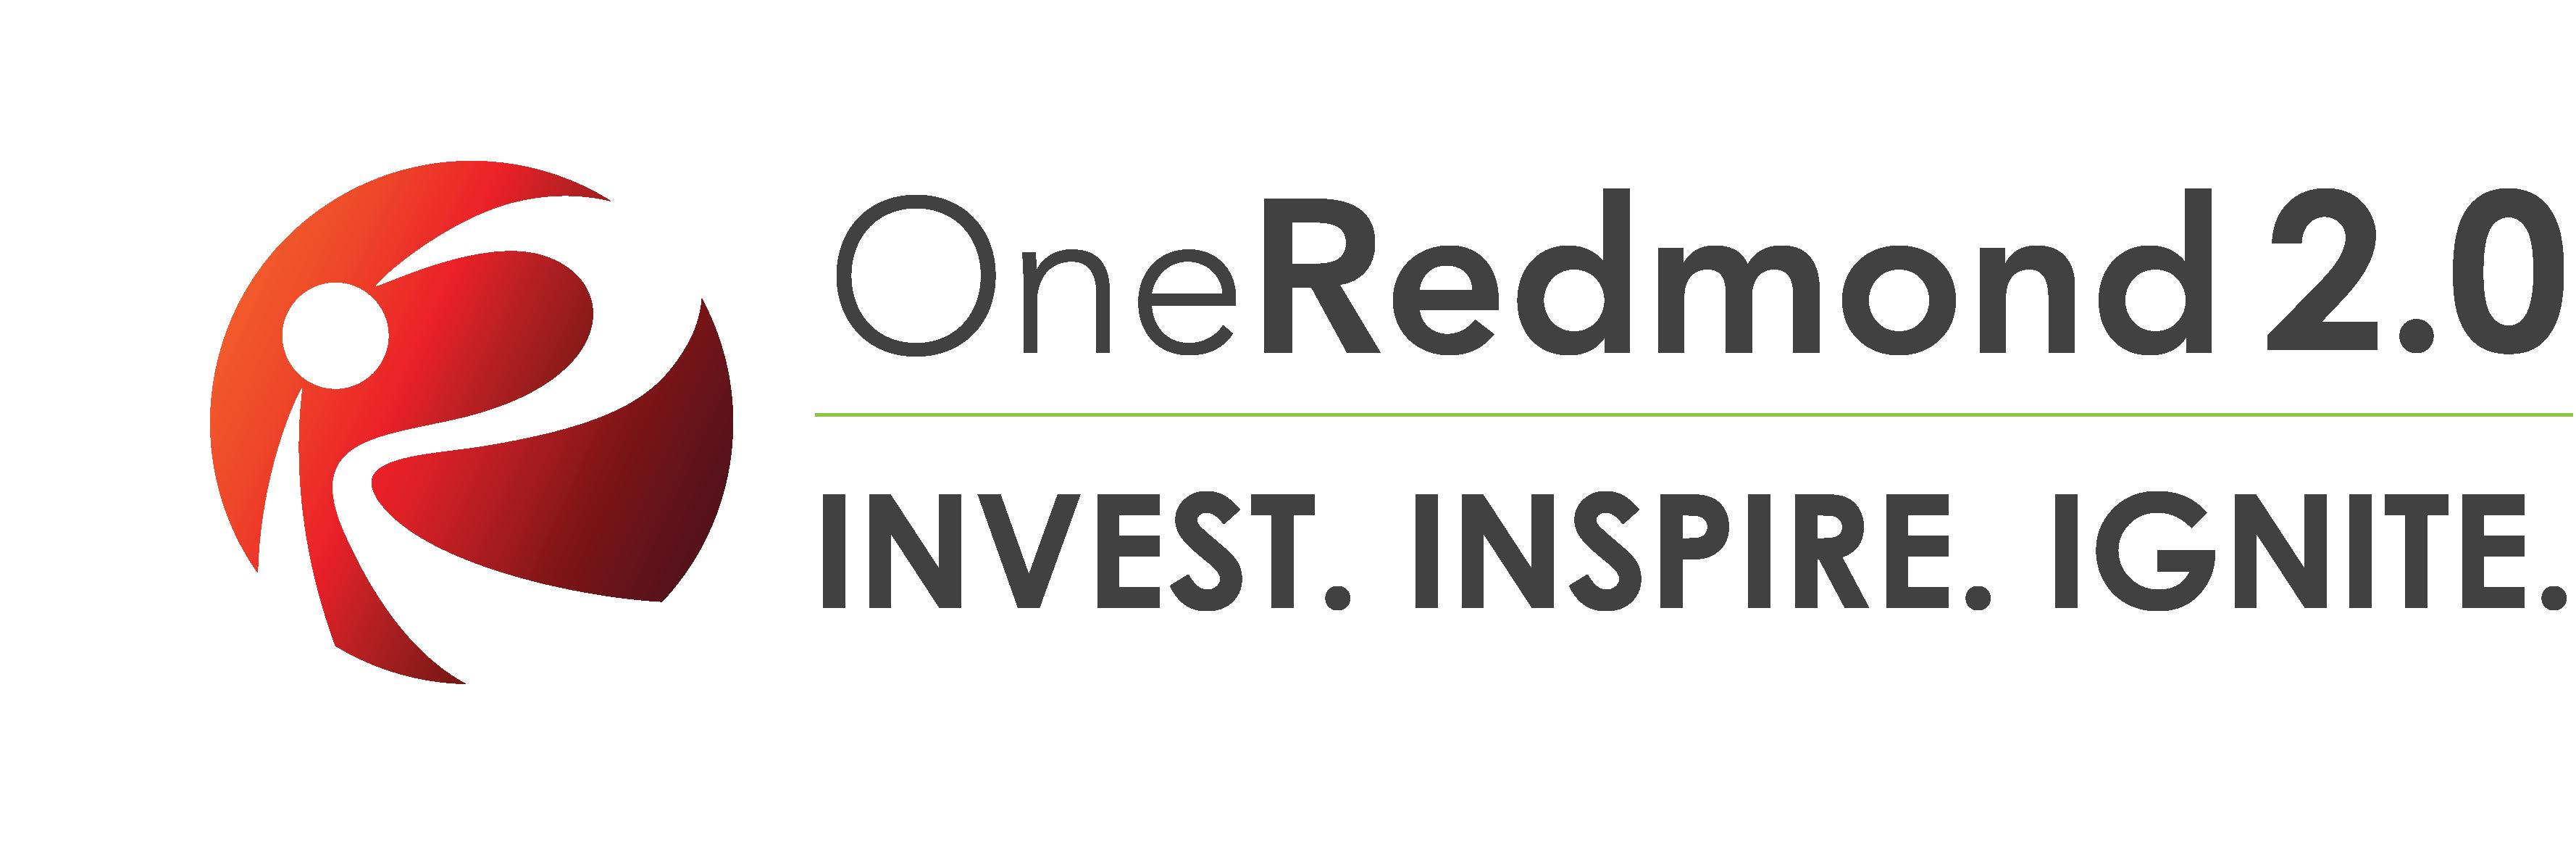 Capital Campaign Client - OneRedmond